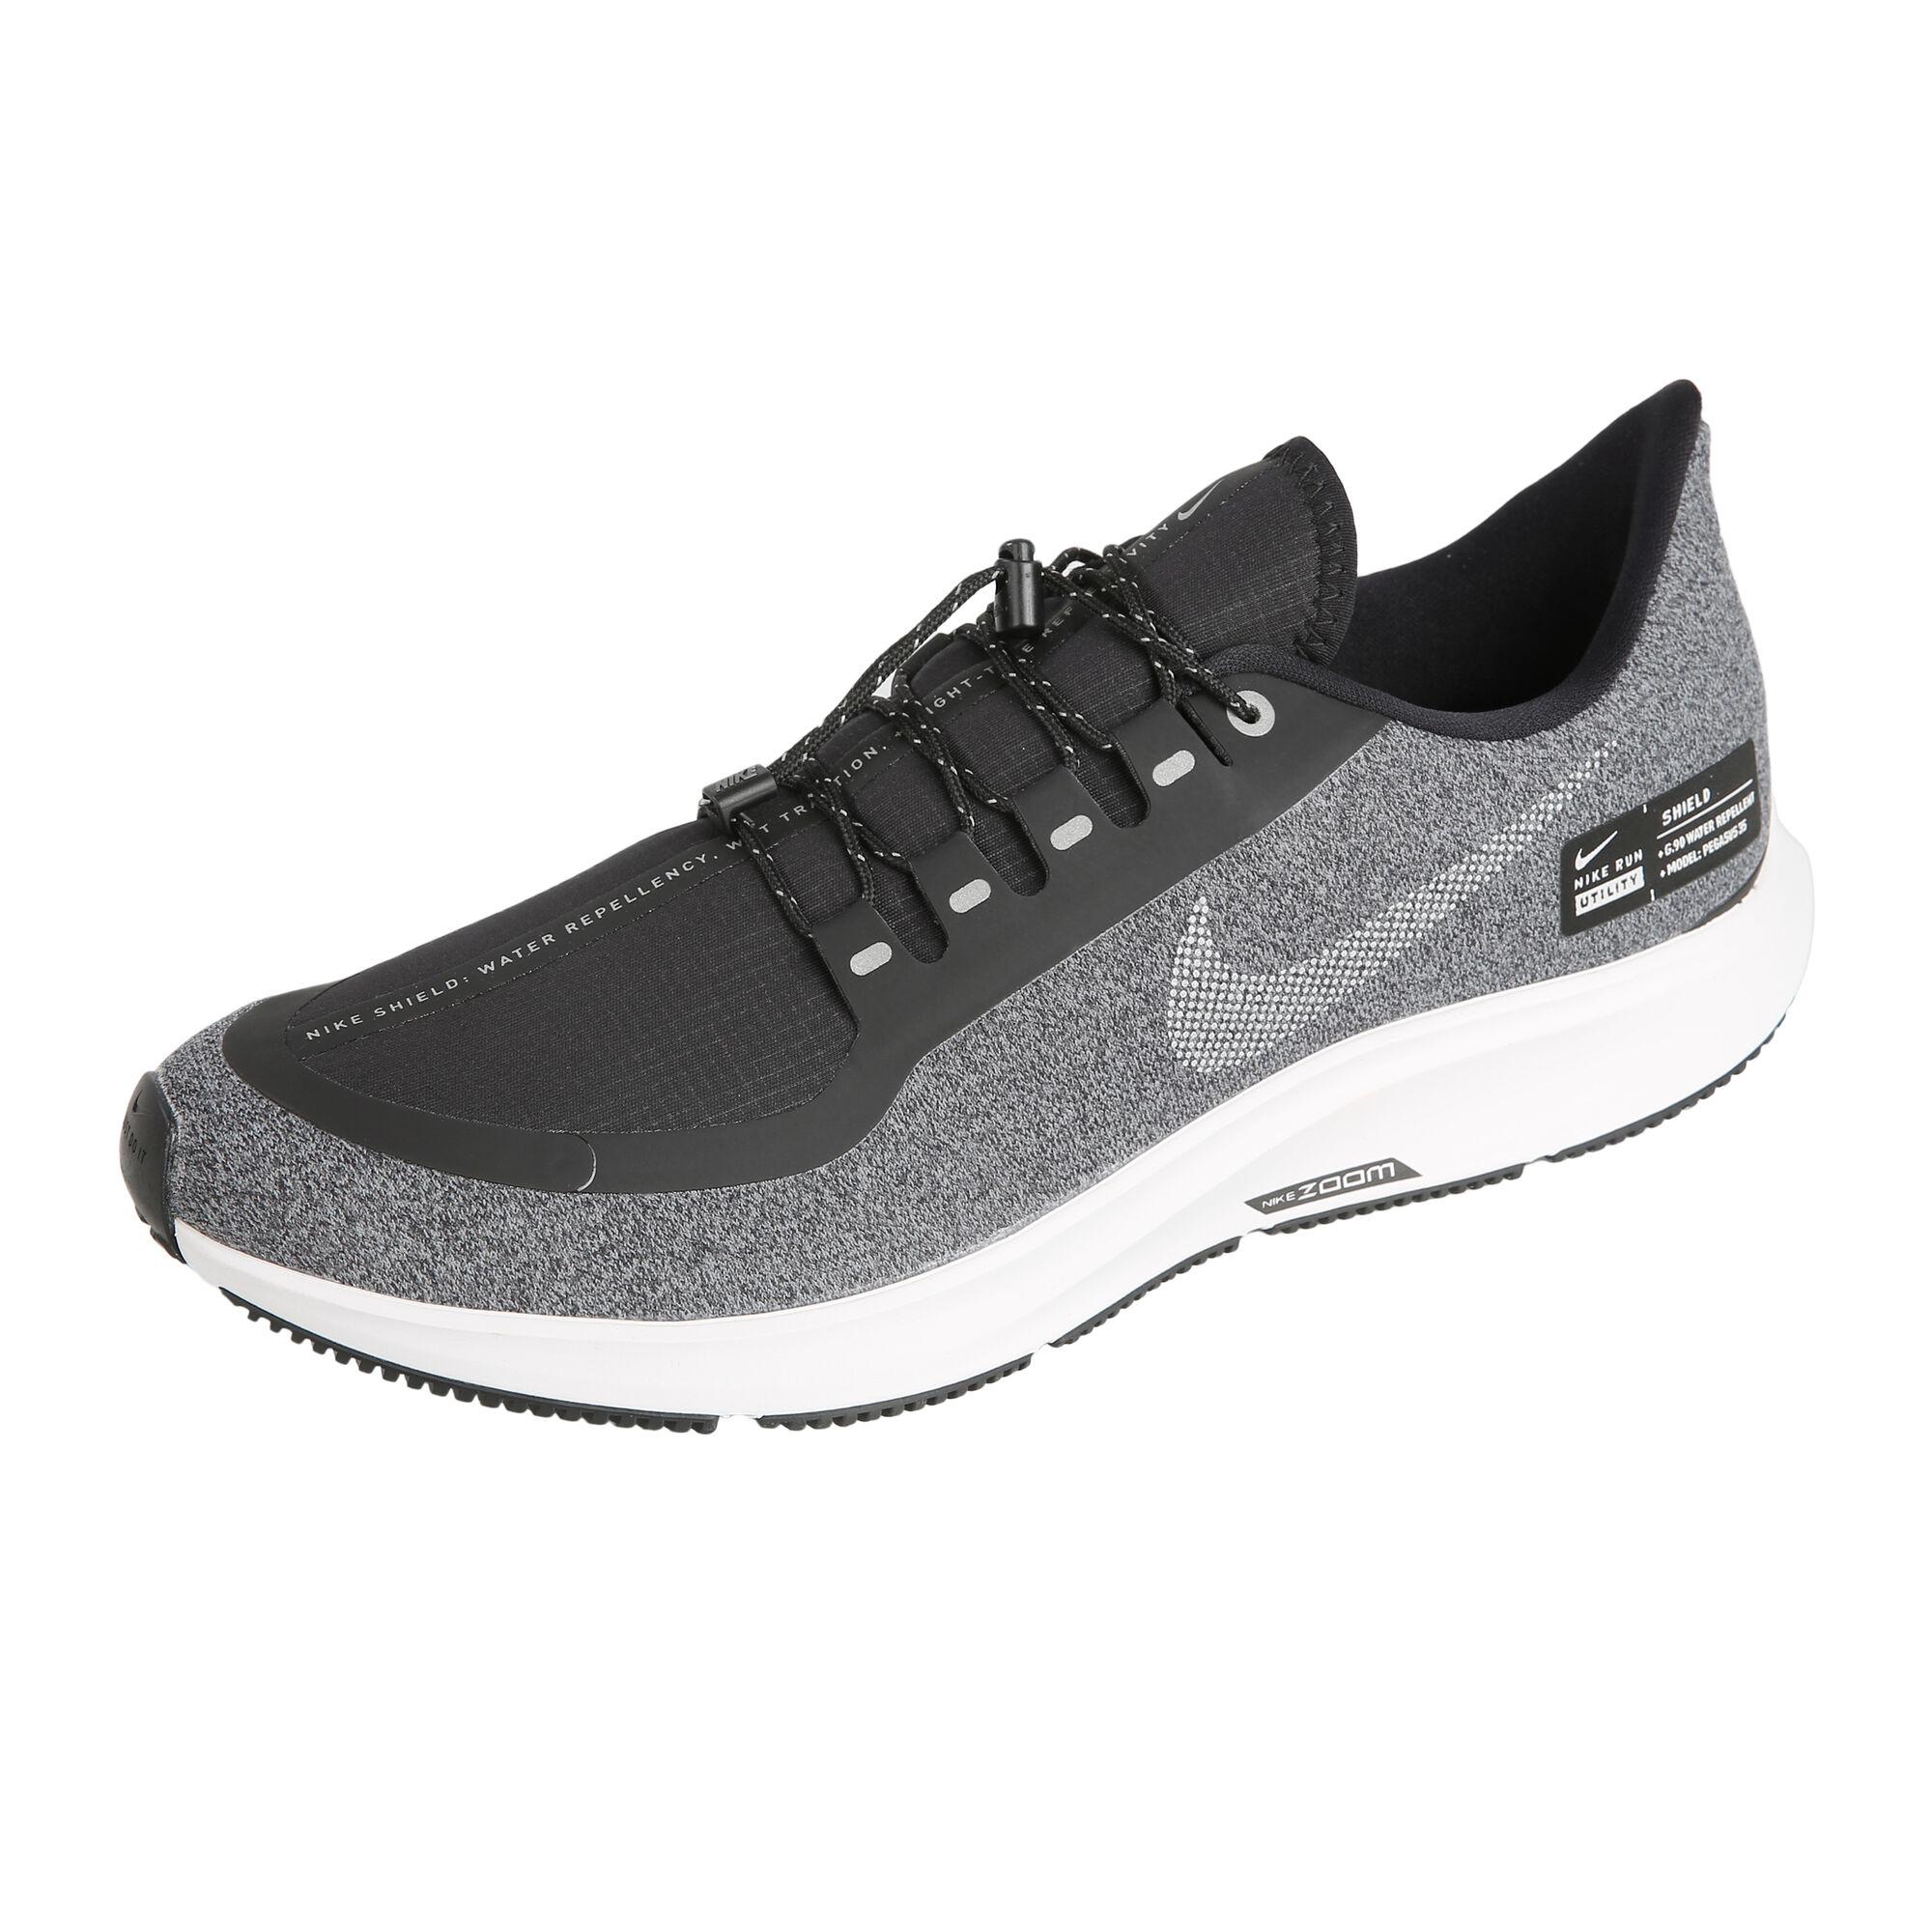 cc58d4e87 Nike · Nike · Nike · Nike · Nike · Nike · Nike · Nike · Nike. Air Zoom  Pegasus 35 Shield Men ...